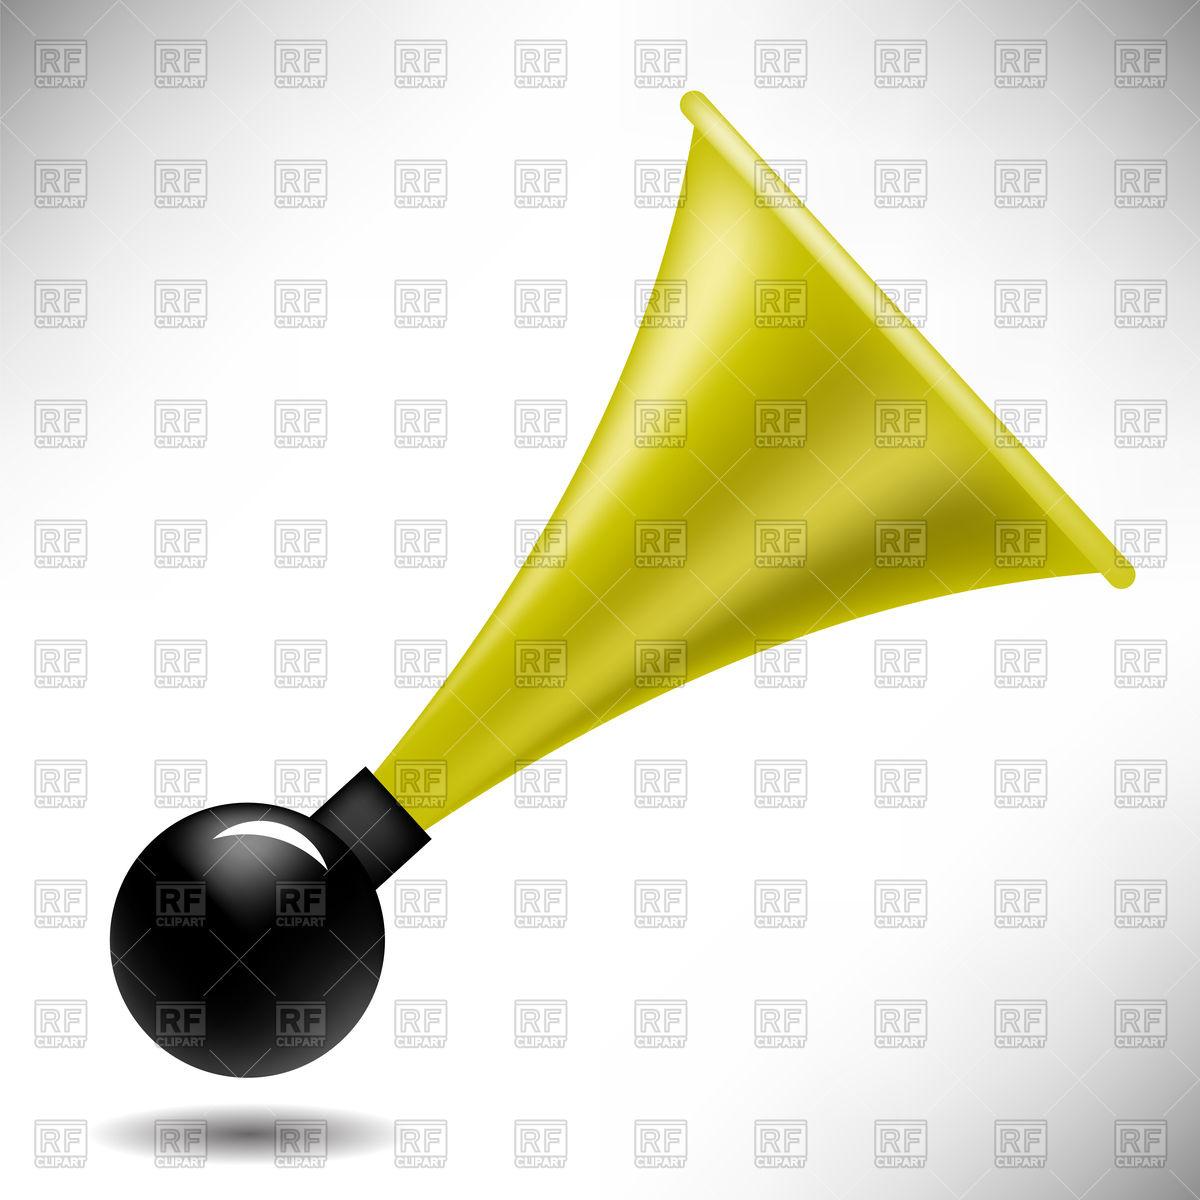 Klaxon icon Vector Image #90438.